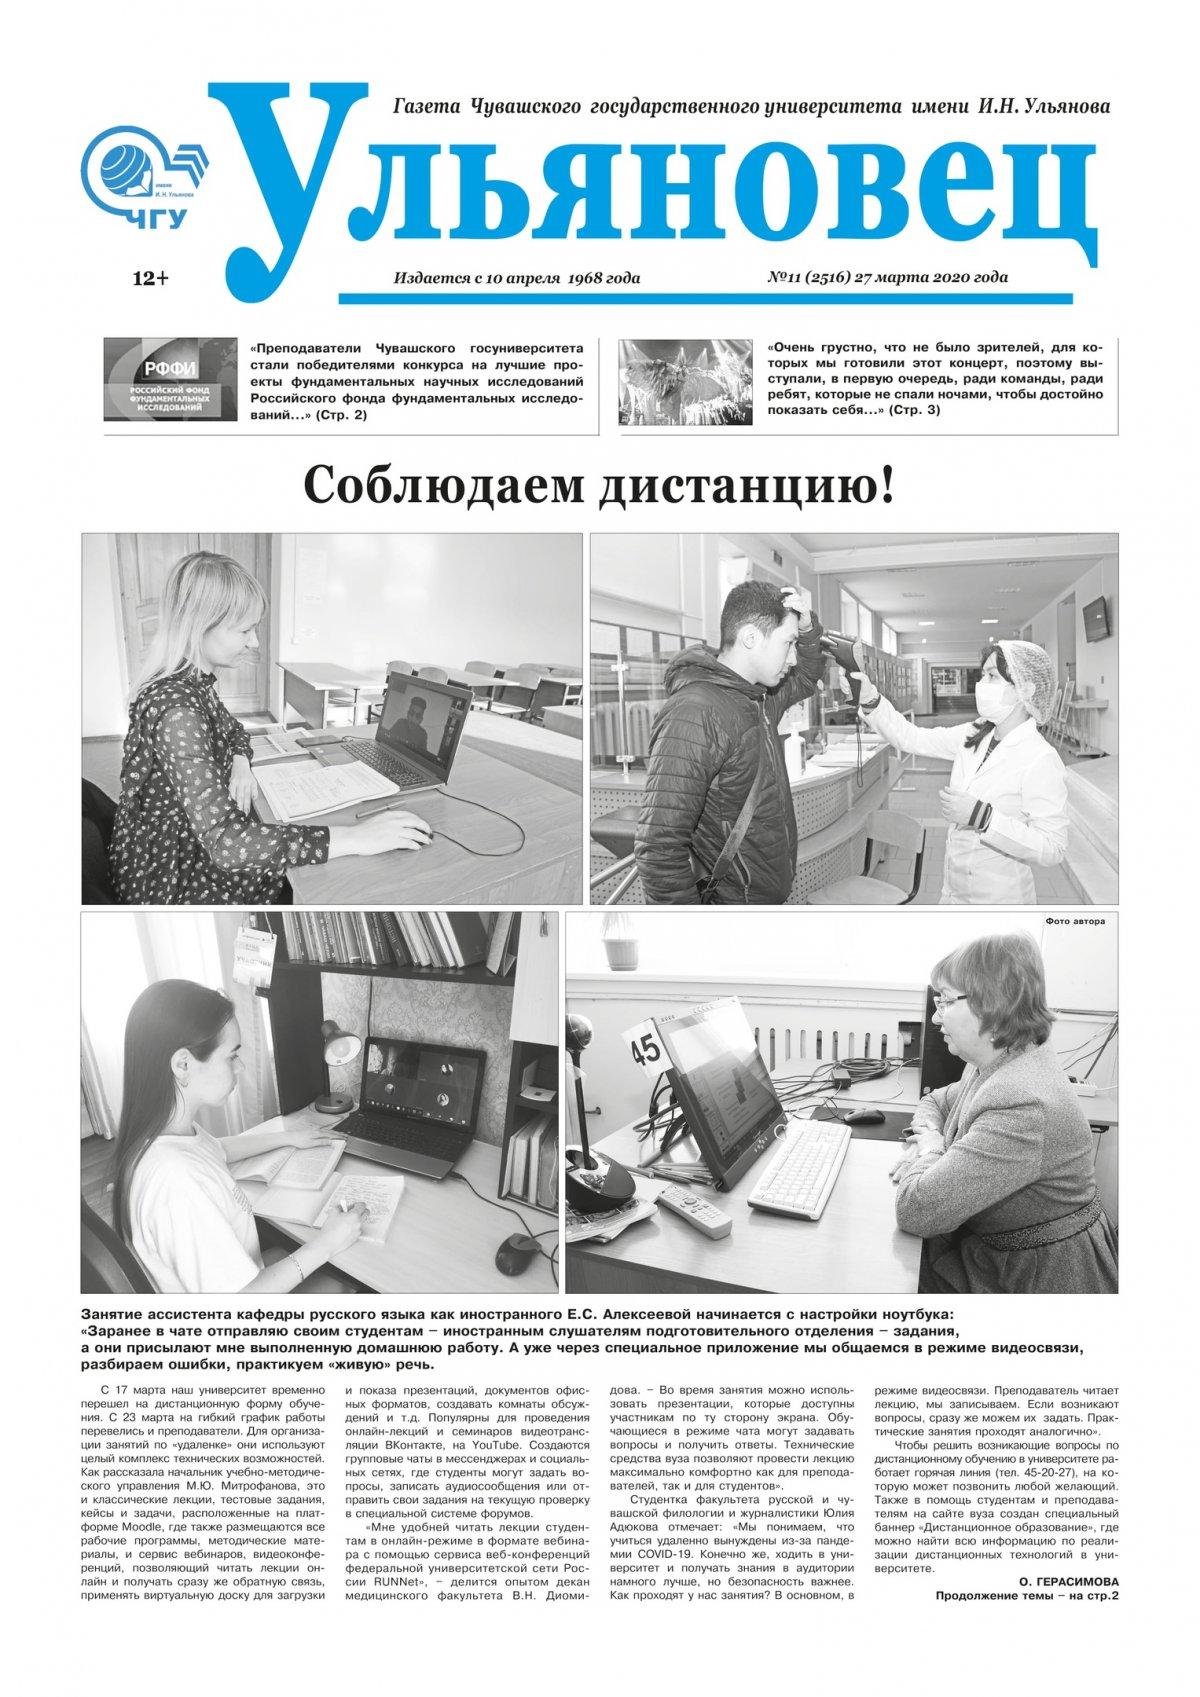 """Свежий номер газеты """"Ульяновец"""" уже готов и ждет Вас! Главная тема номера, конечно, - дистанционное образование. Как студенты и педагоги адаптировались к новой форме обучения, чем разнообразят учебный процесс - читайте прямо сейчас"""